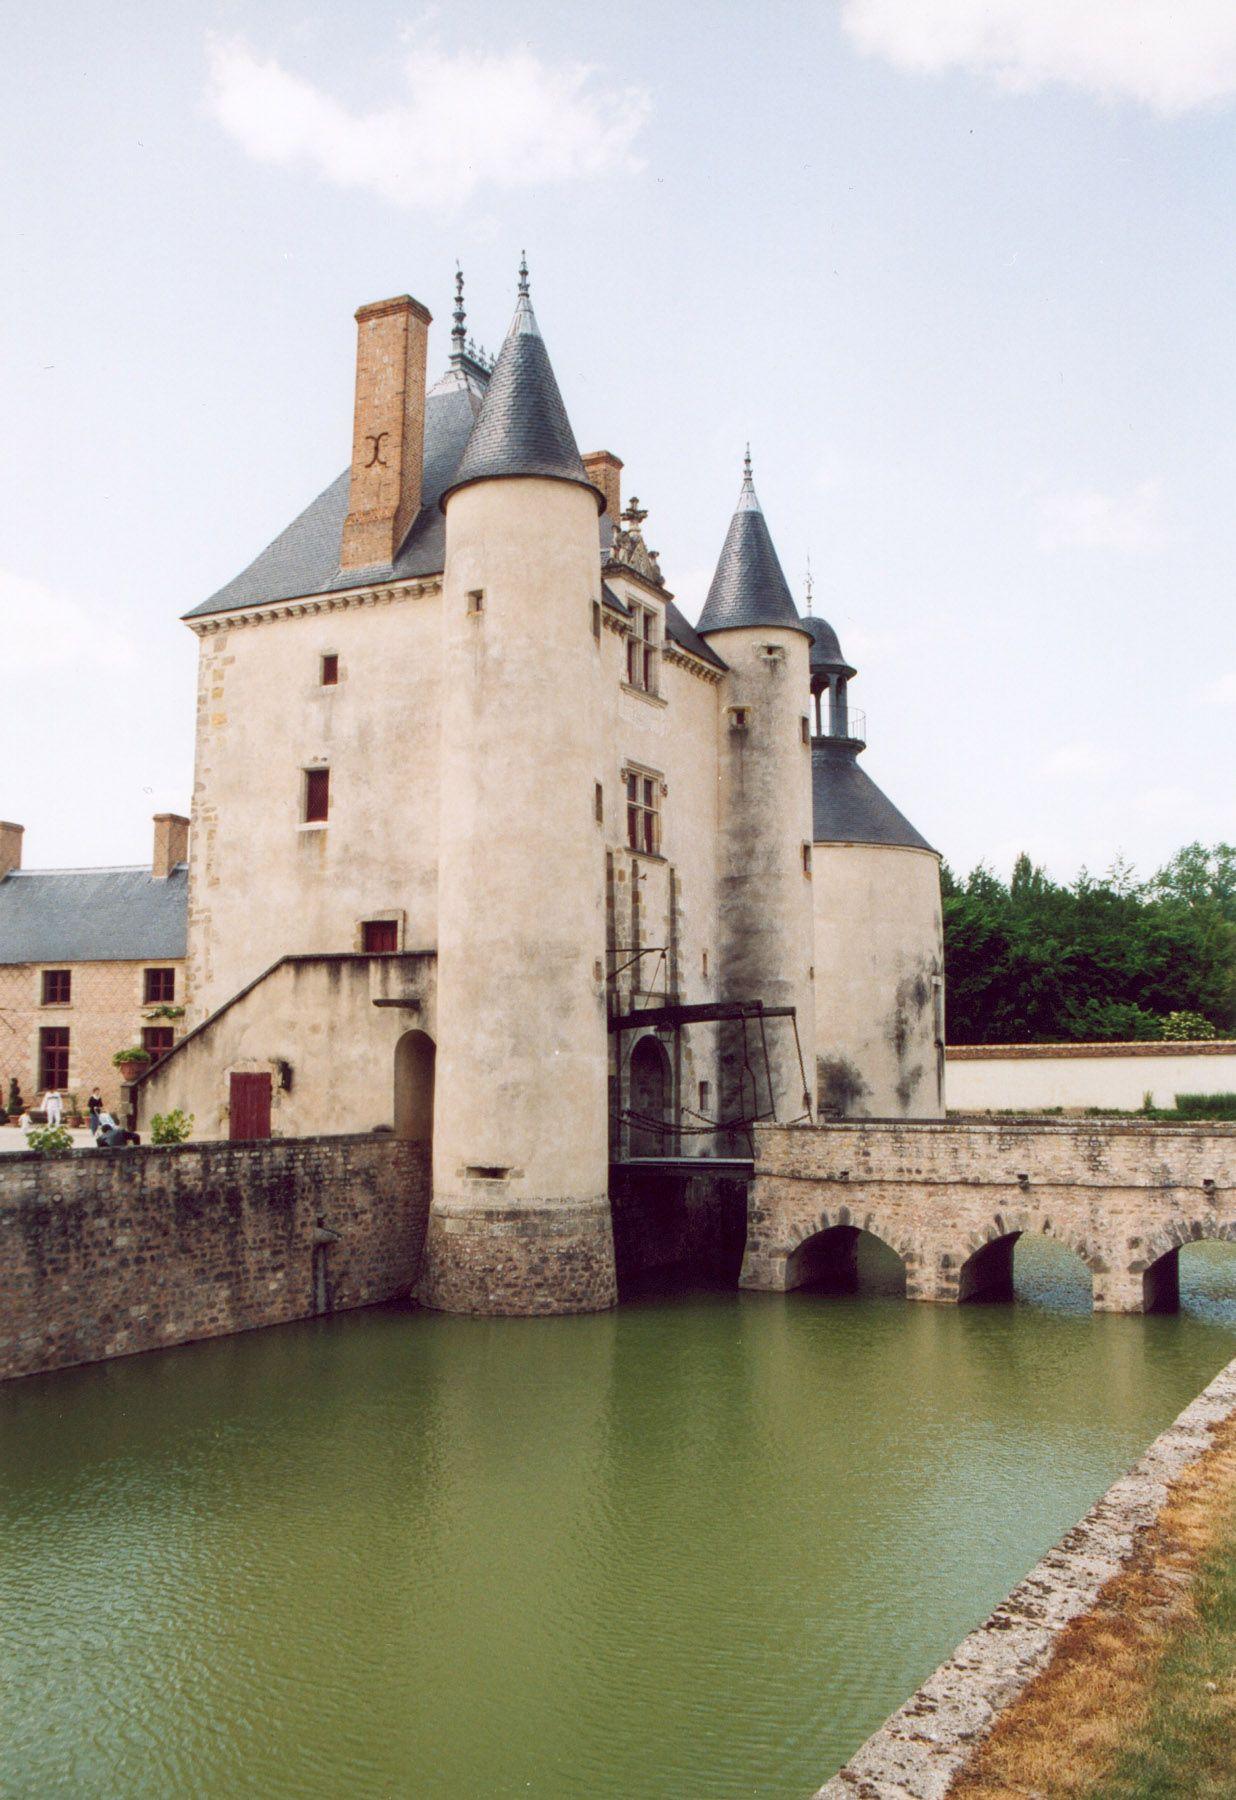 plus de 1000 ides propos de loiret rgion centre val de loire sur pinterest - Chateau De Chamerolles Mariage